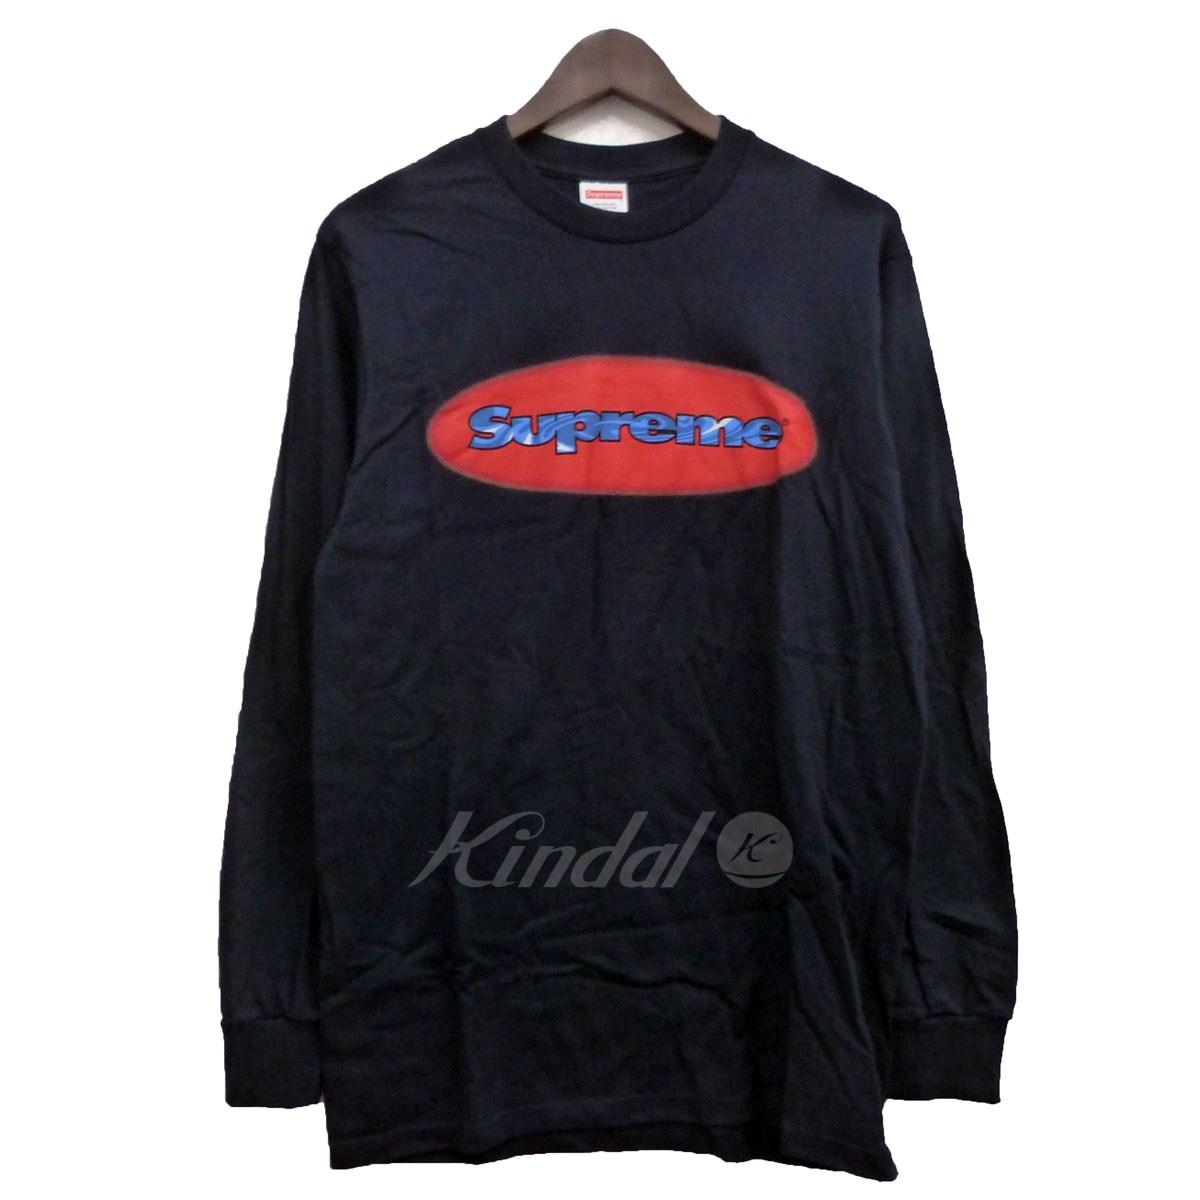 【中古】SUPREME 18SS「Ripple L/S Tee」リップルロゴカットソー ネイビー サイズ:S 【送料無料】 【031118】(シュプリーム)